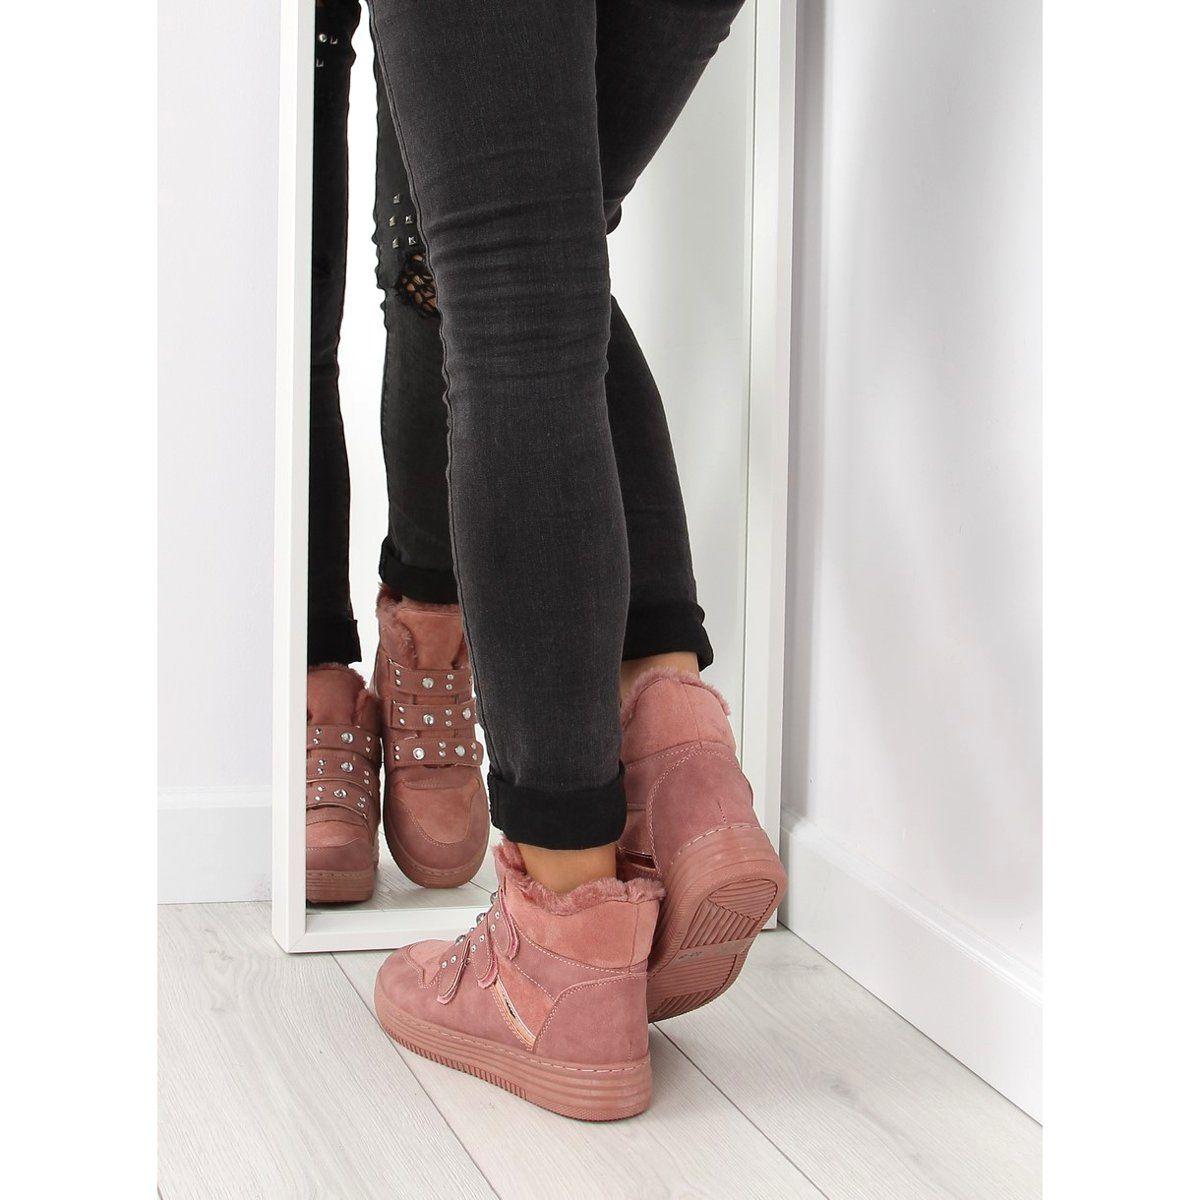 Tenisowki Damskie Obuwiedamskie Ocieplane Trampki Za Kostke Rozowe Zjy 29 Obuwie Damskie Fashion Shoes Wedge Sneaker